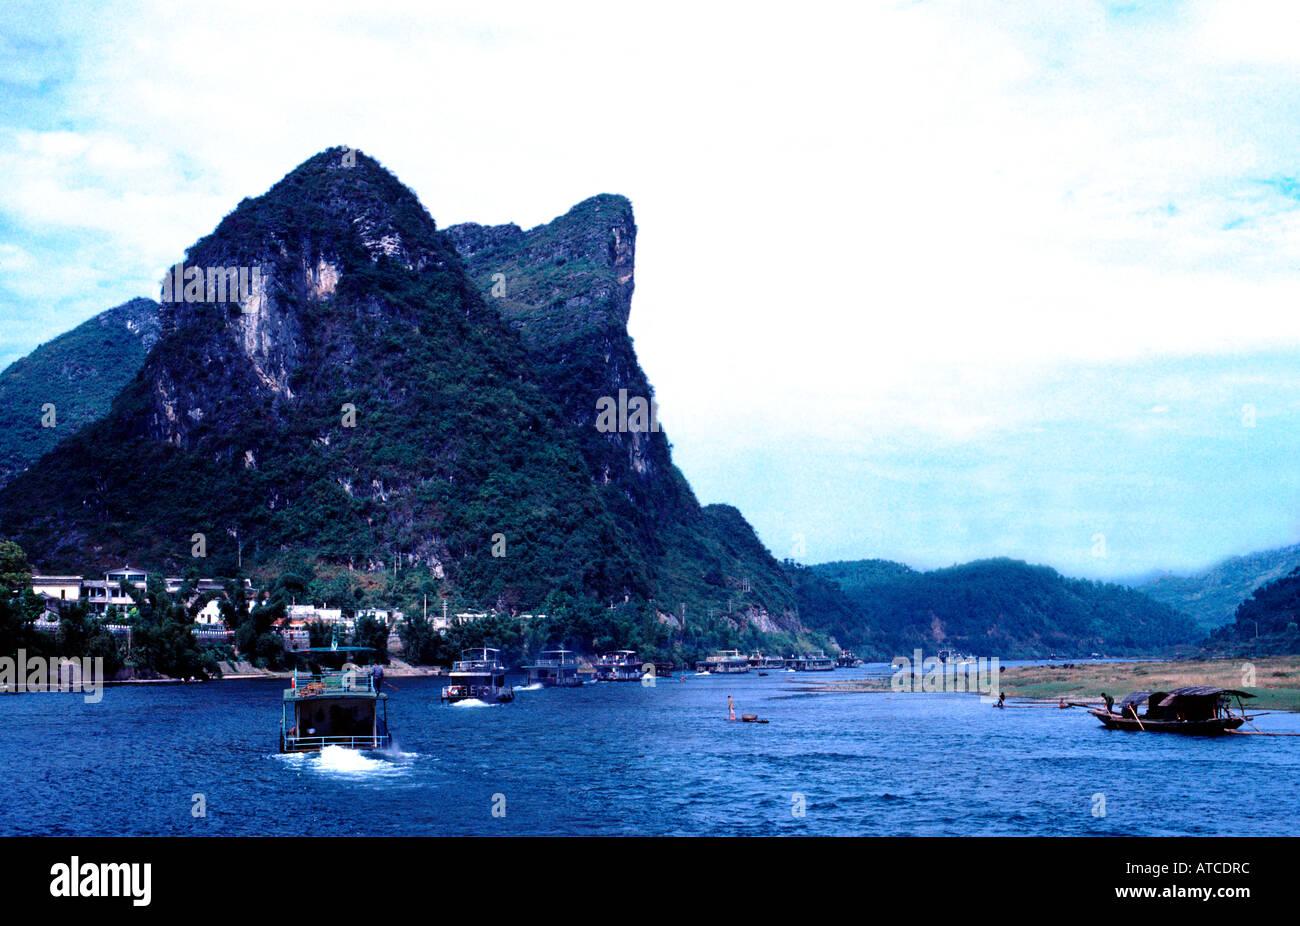 Ausflugsboote am Lijiang-Fluss in der Nähe von Guilin China Asien Wasser Besuch besichtigen Bergen Geographie Stockbild